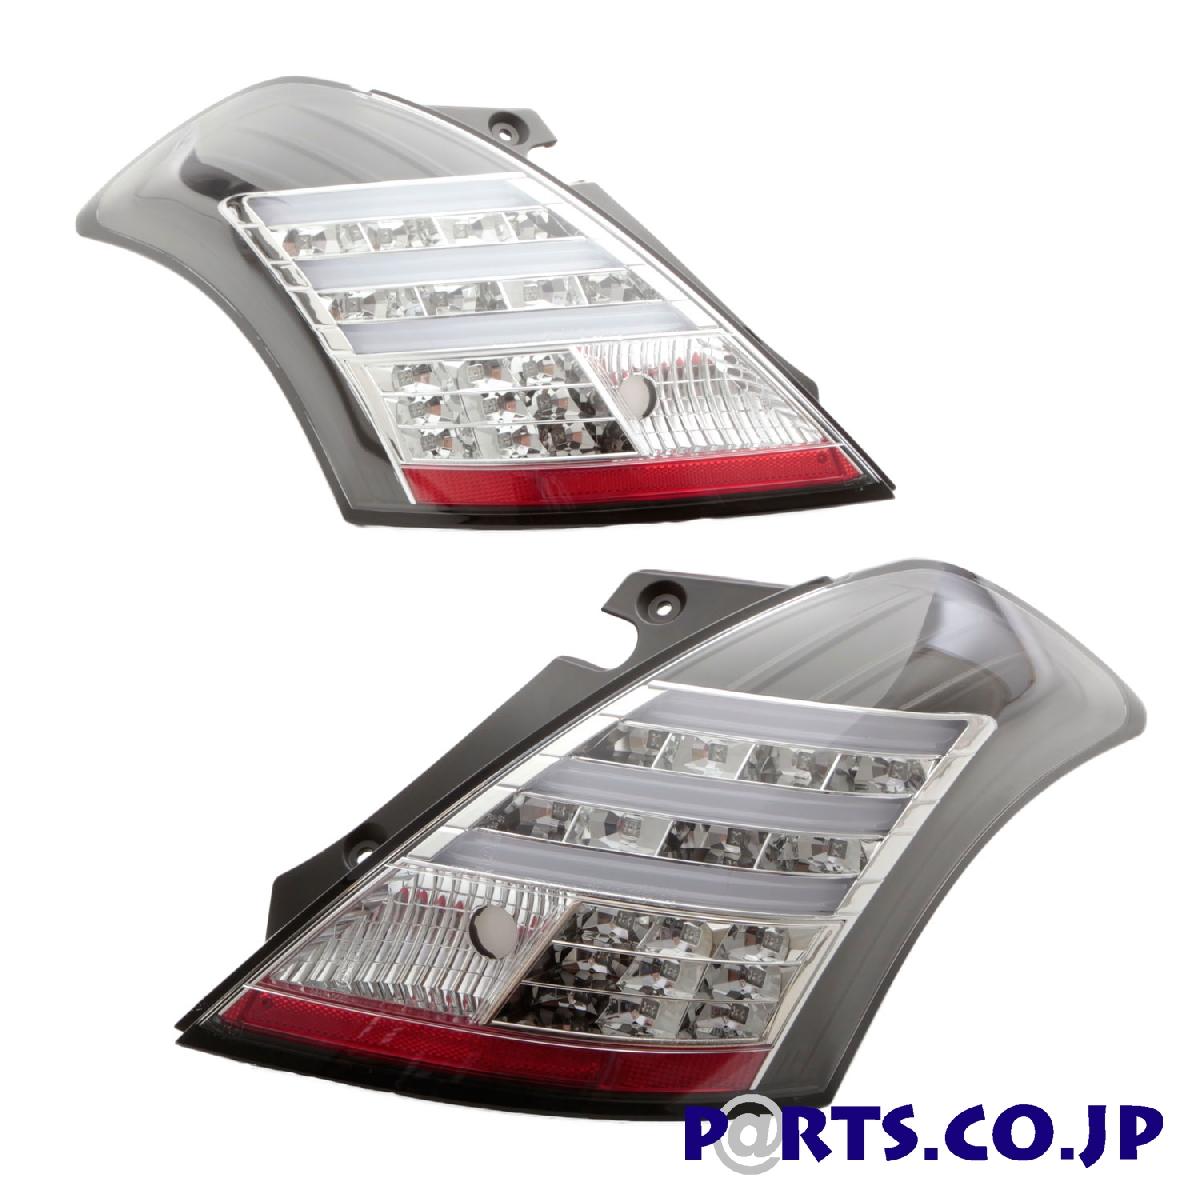 スズキ スイフトスポーツ テールランプ SONAR(ソナー) LEDテール ブラック 11~16 スイフトスポーツ